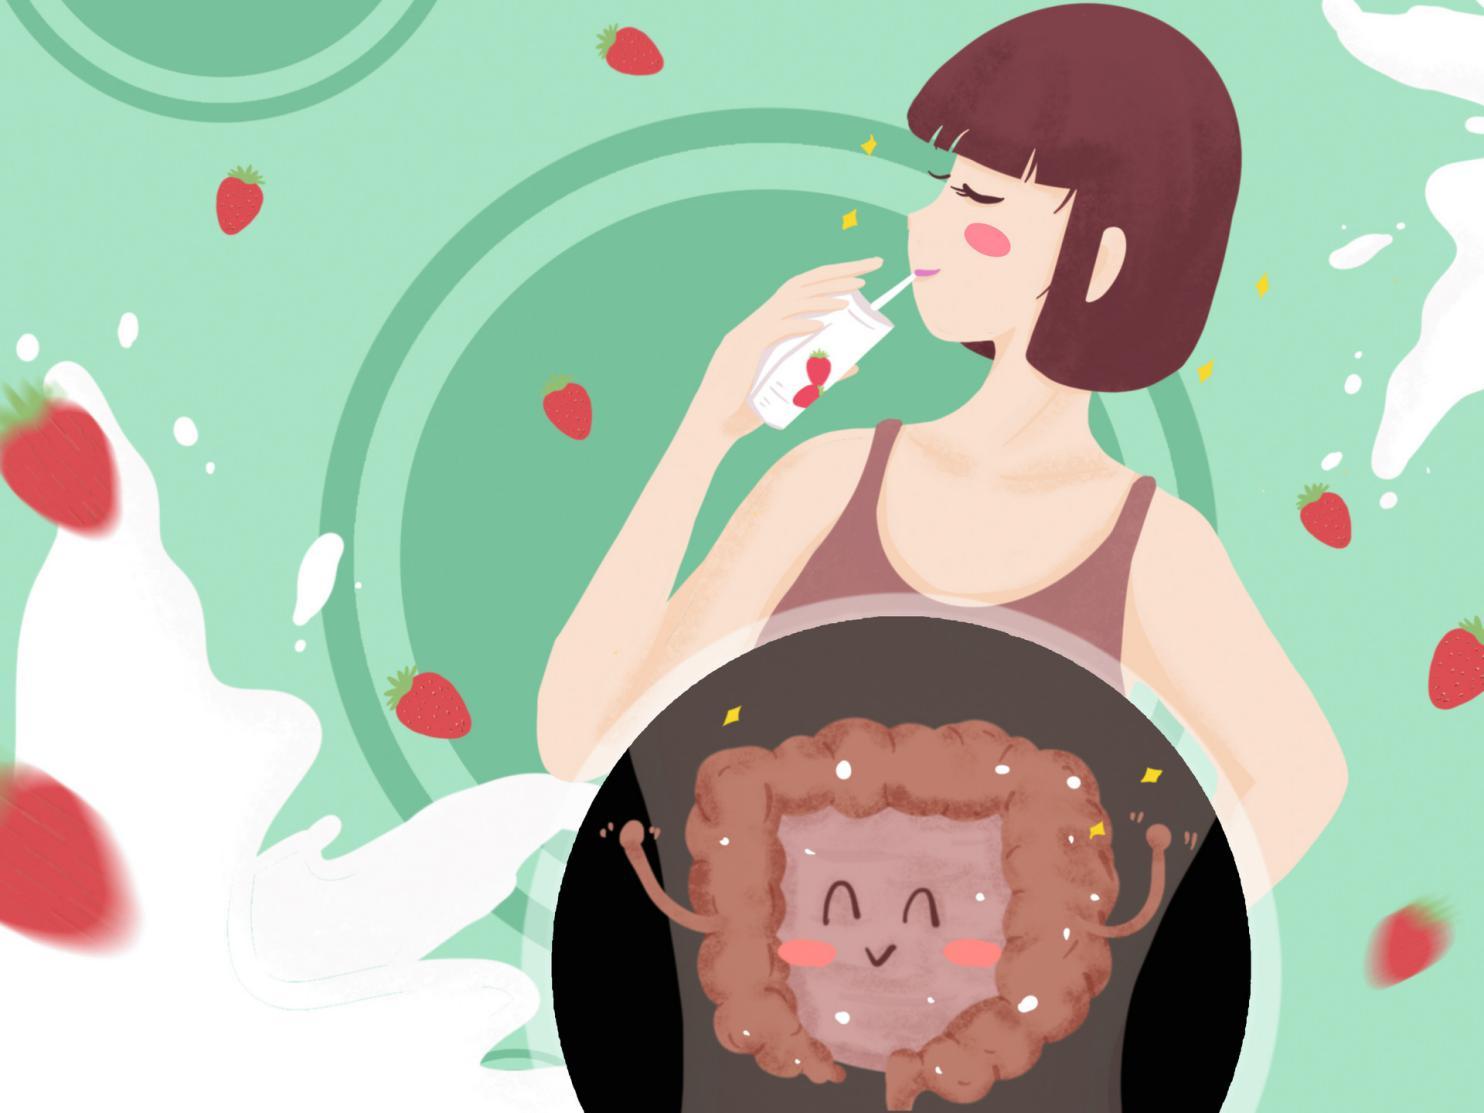 摄图网_401762951_banner_喝草莓酸奶牛奶的肠道健康女孩(非企业商用)